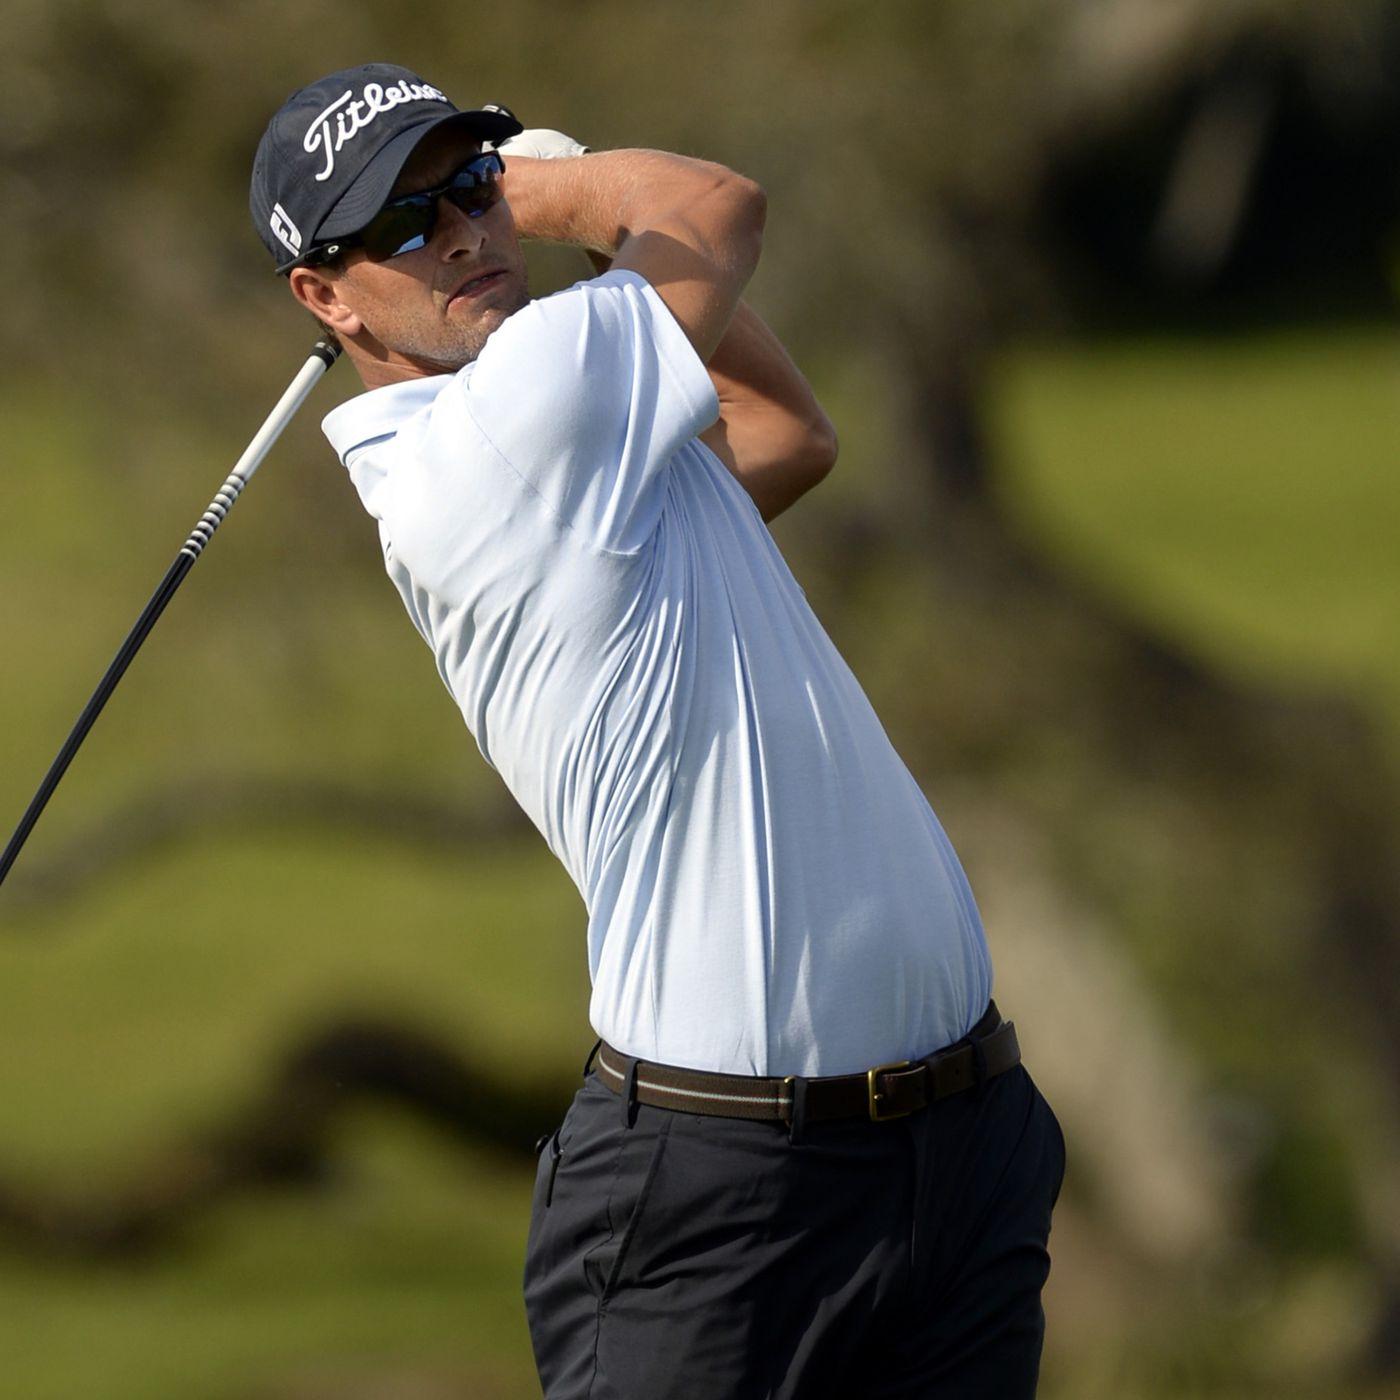 2014 Arnold Palmer Invitational: Adam Scott increases lead to 7 strokes